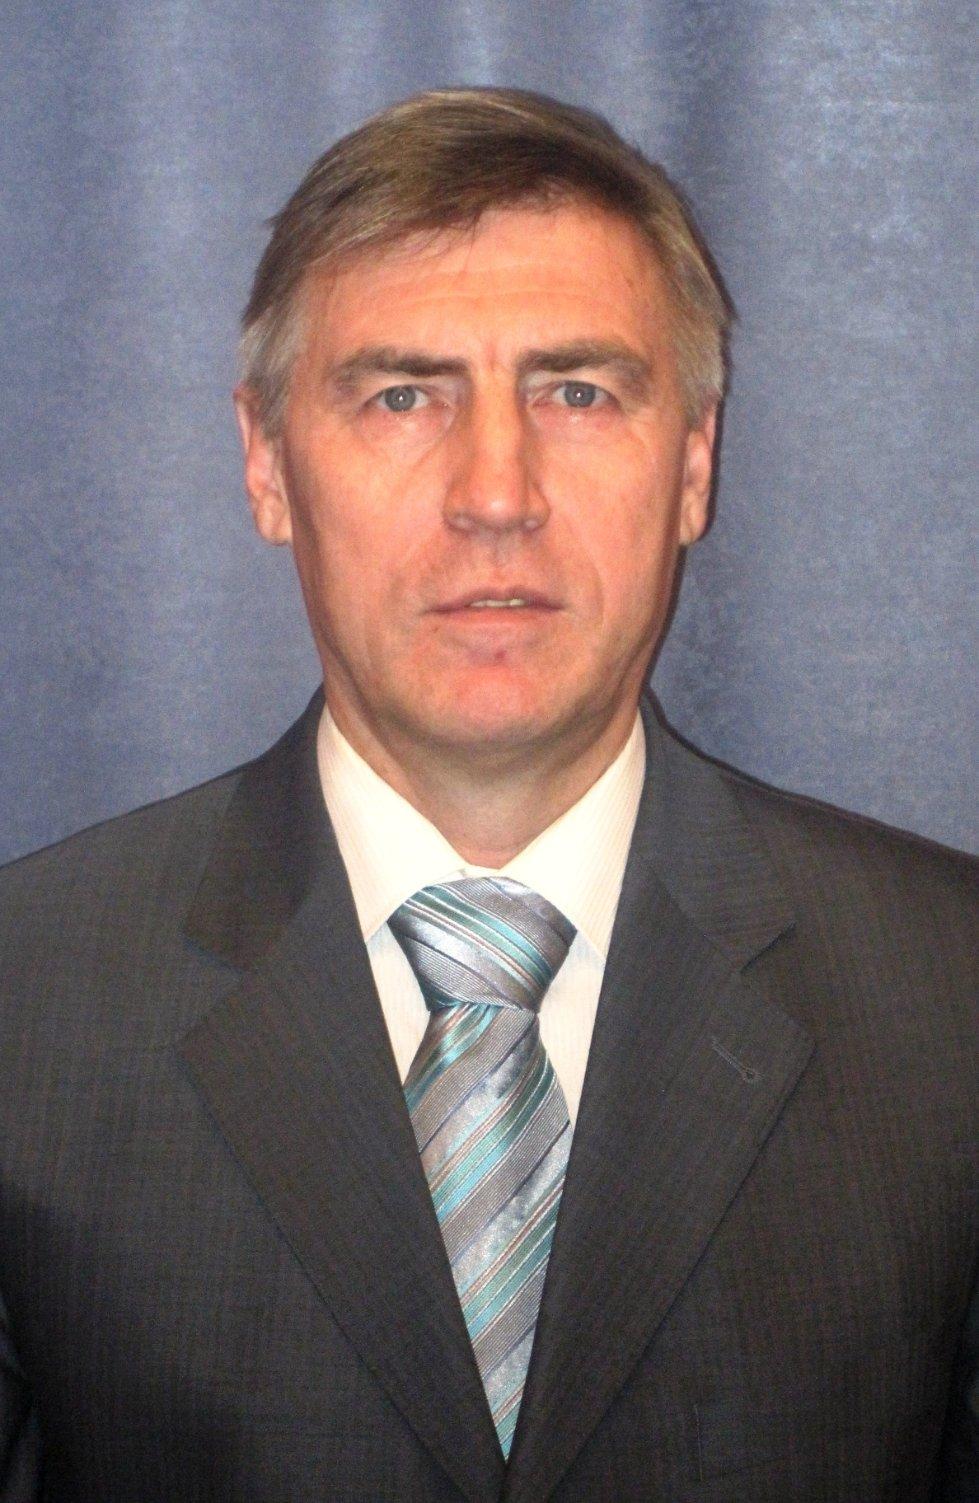 Фазлеев Наиль Шамсиевич